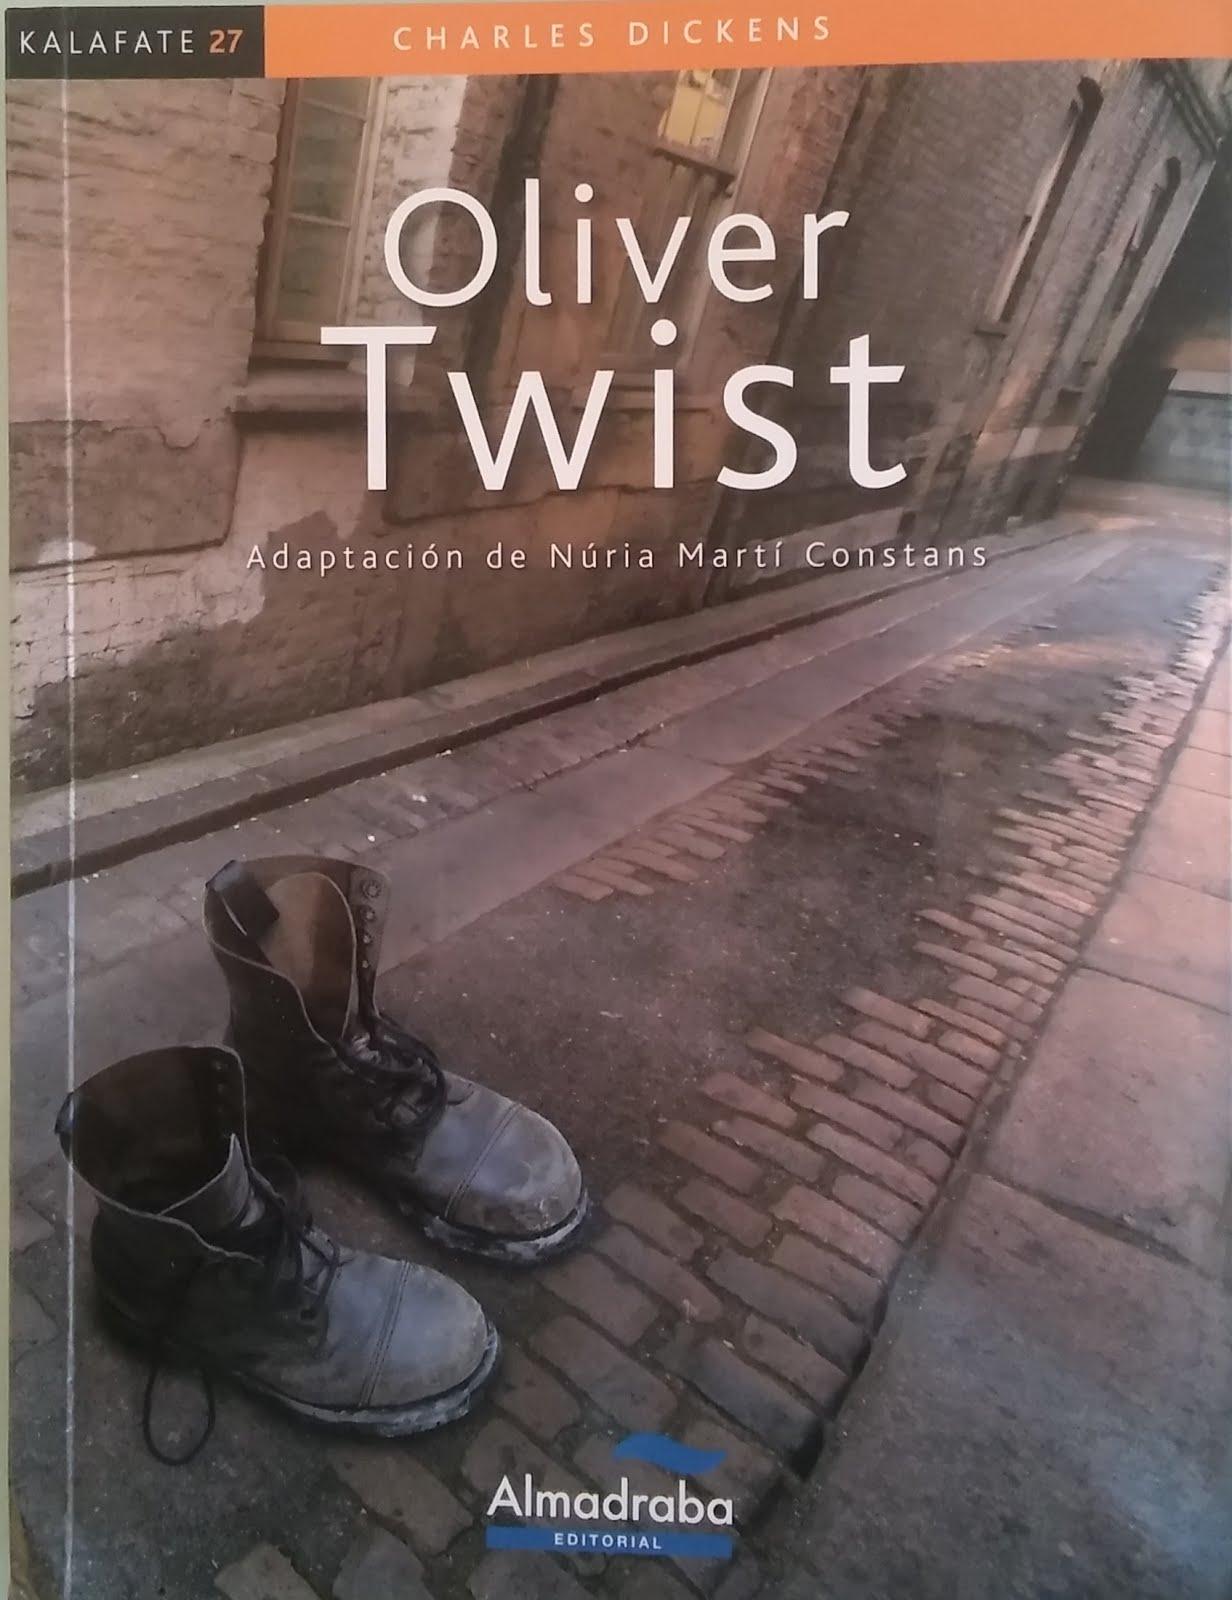 2016 Oliver Twist, de Charles Dickens (Adaptación)